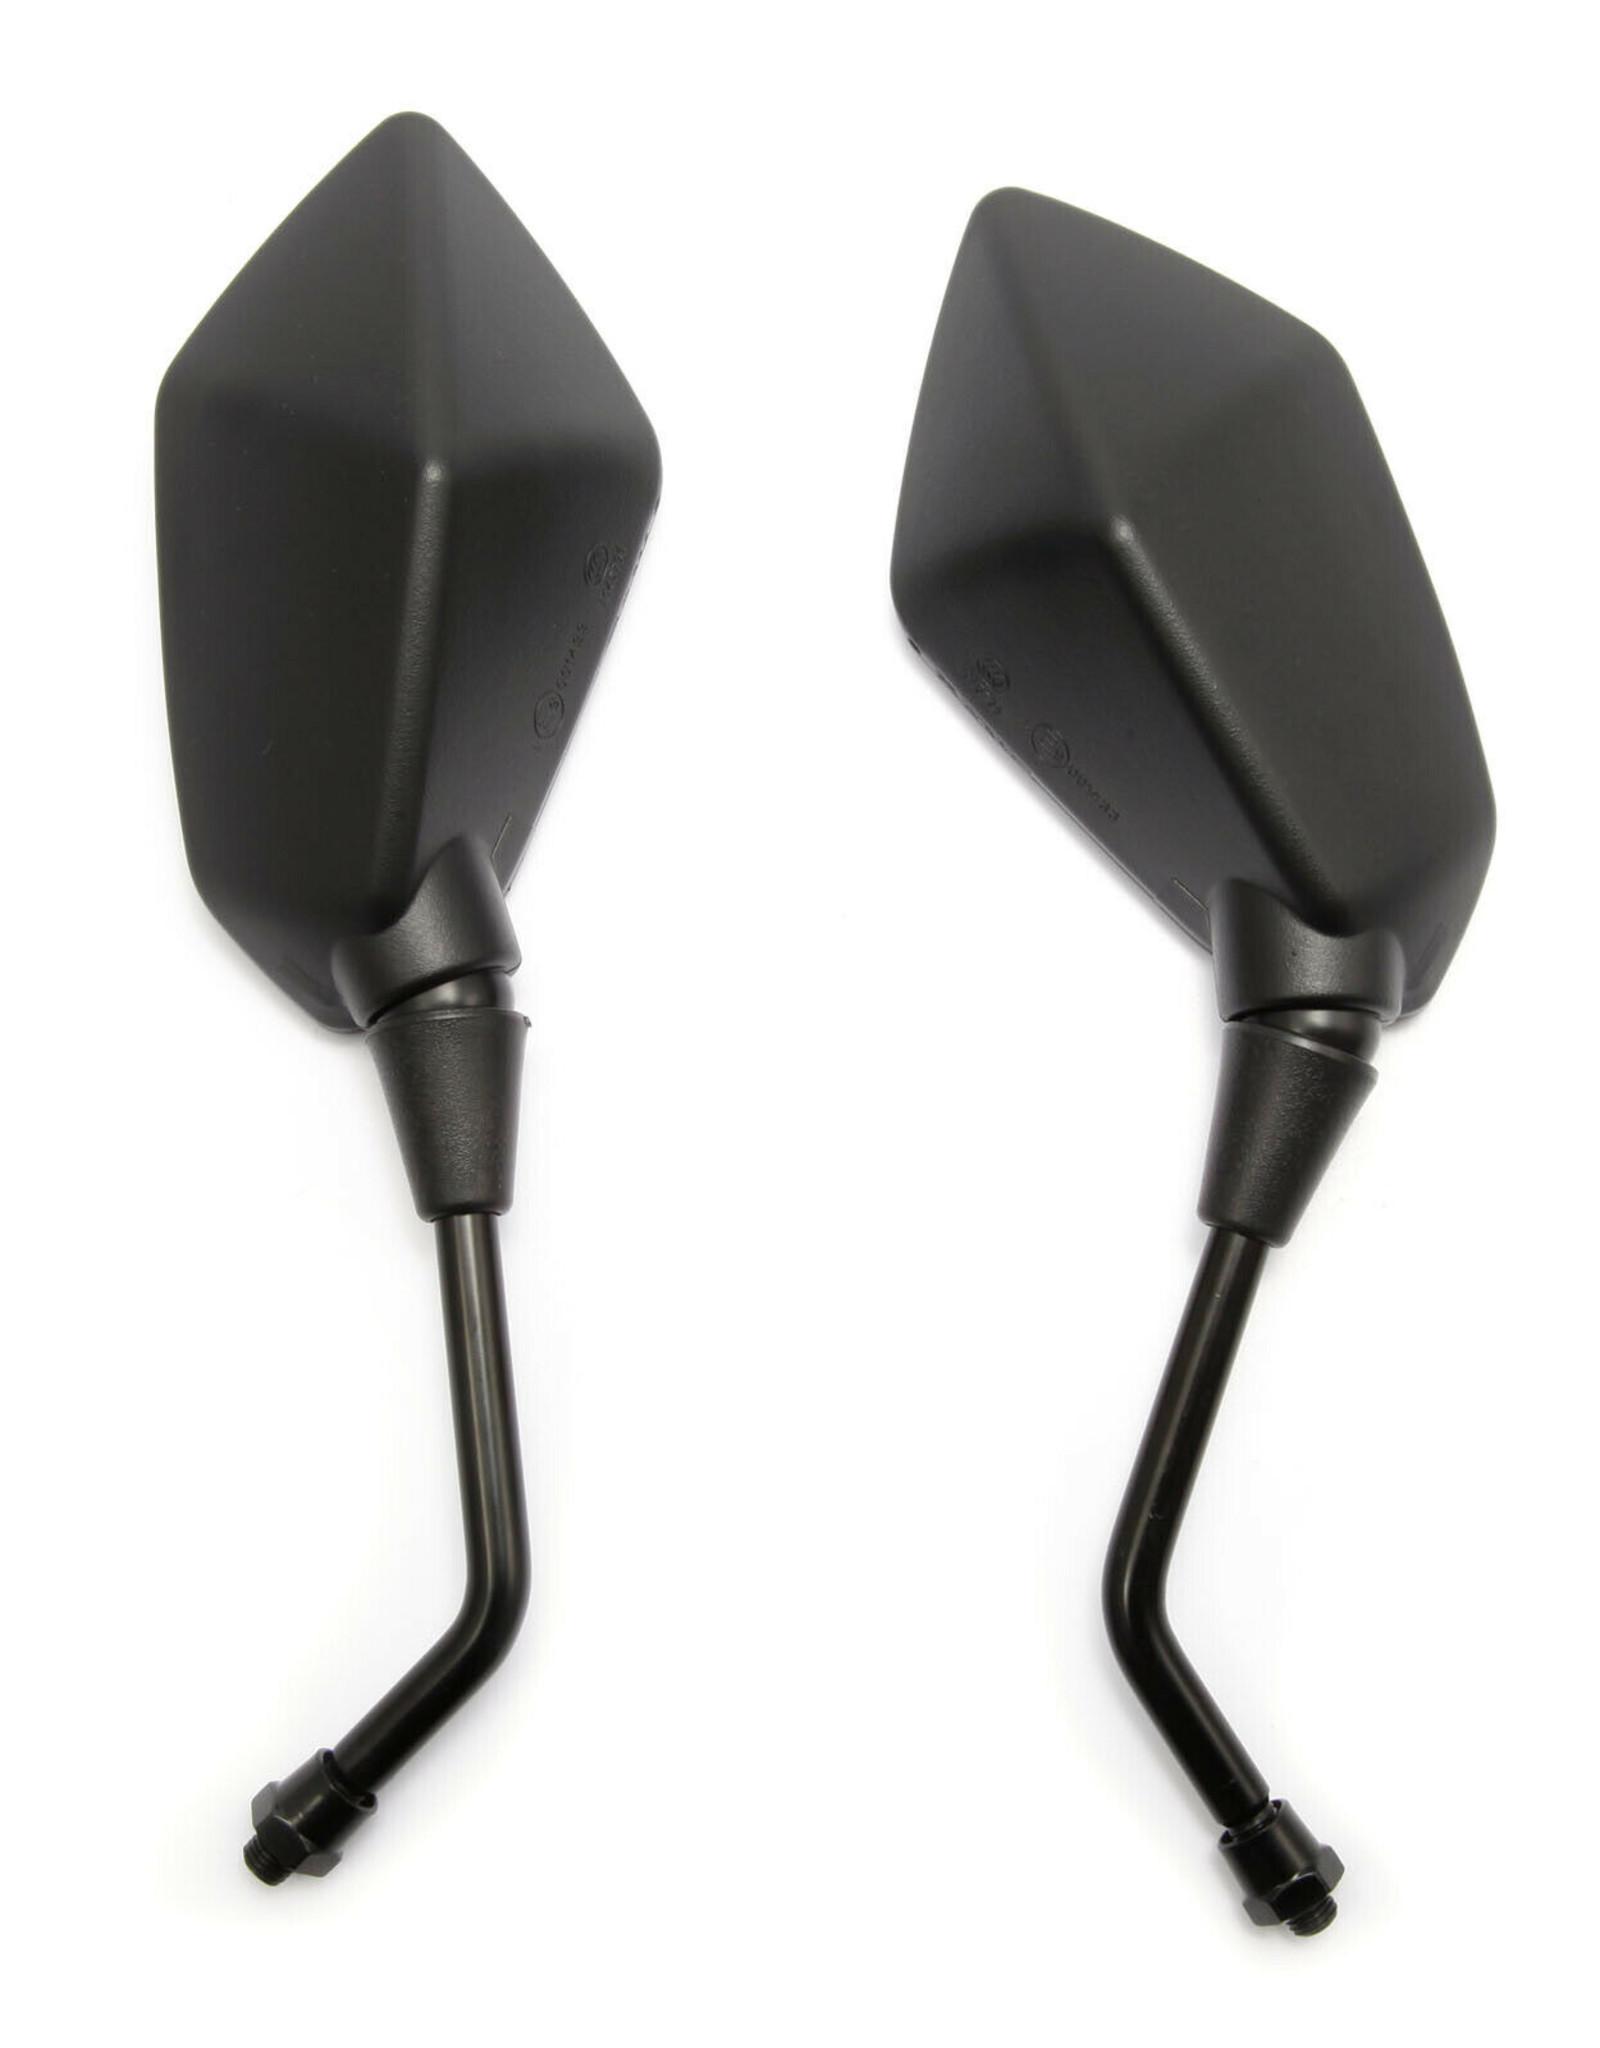 2 x motorspiegel, scooterspiegel, brommerspiegel